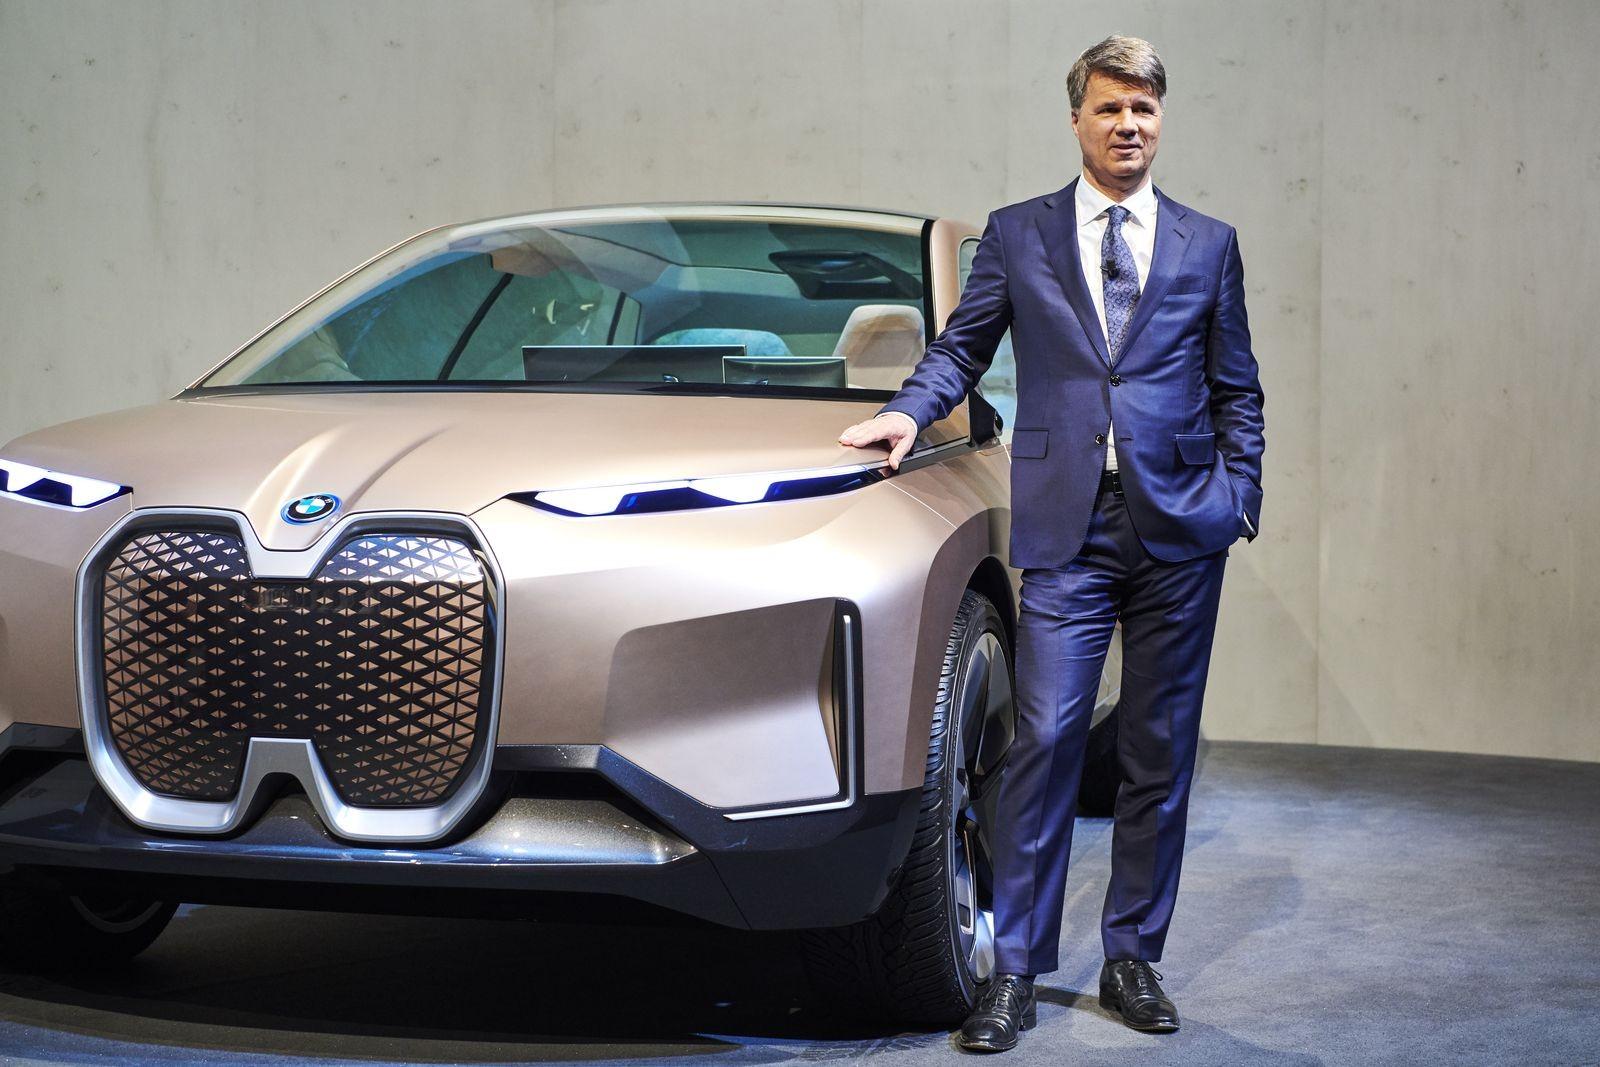 Кроссовер iNext должен стать самым востребованным электромобилем марки BMW, но Крюгер, похоже, в него не очень верит.